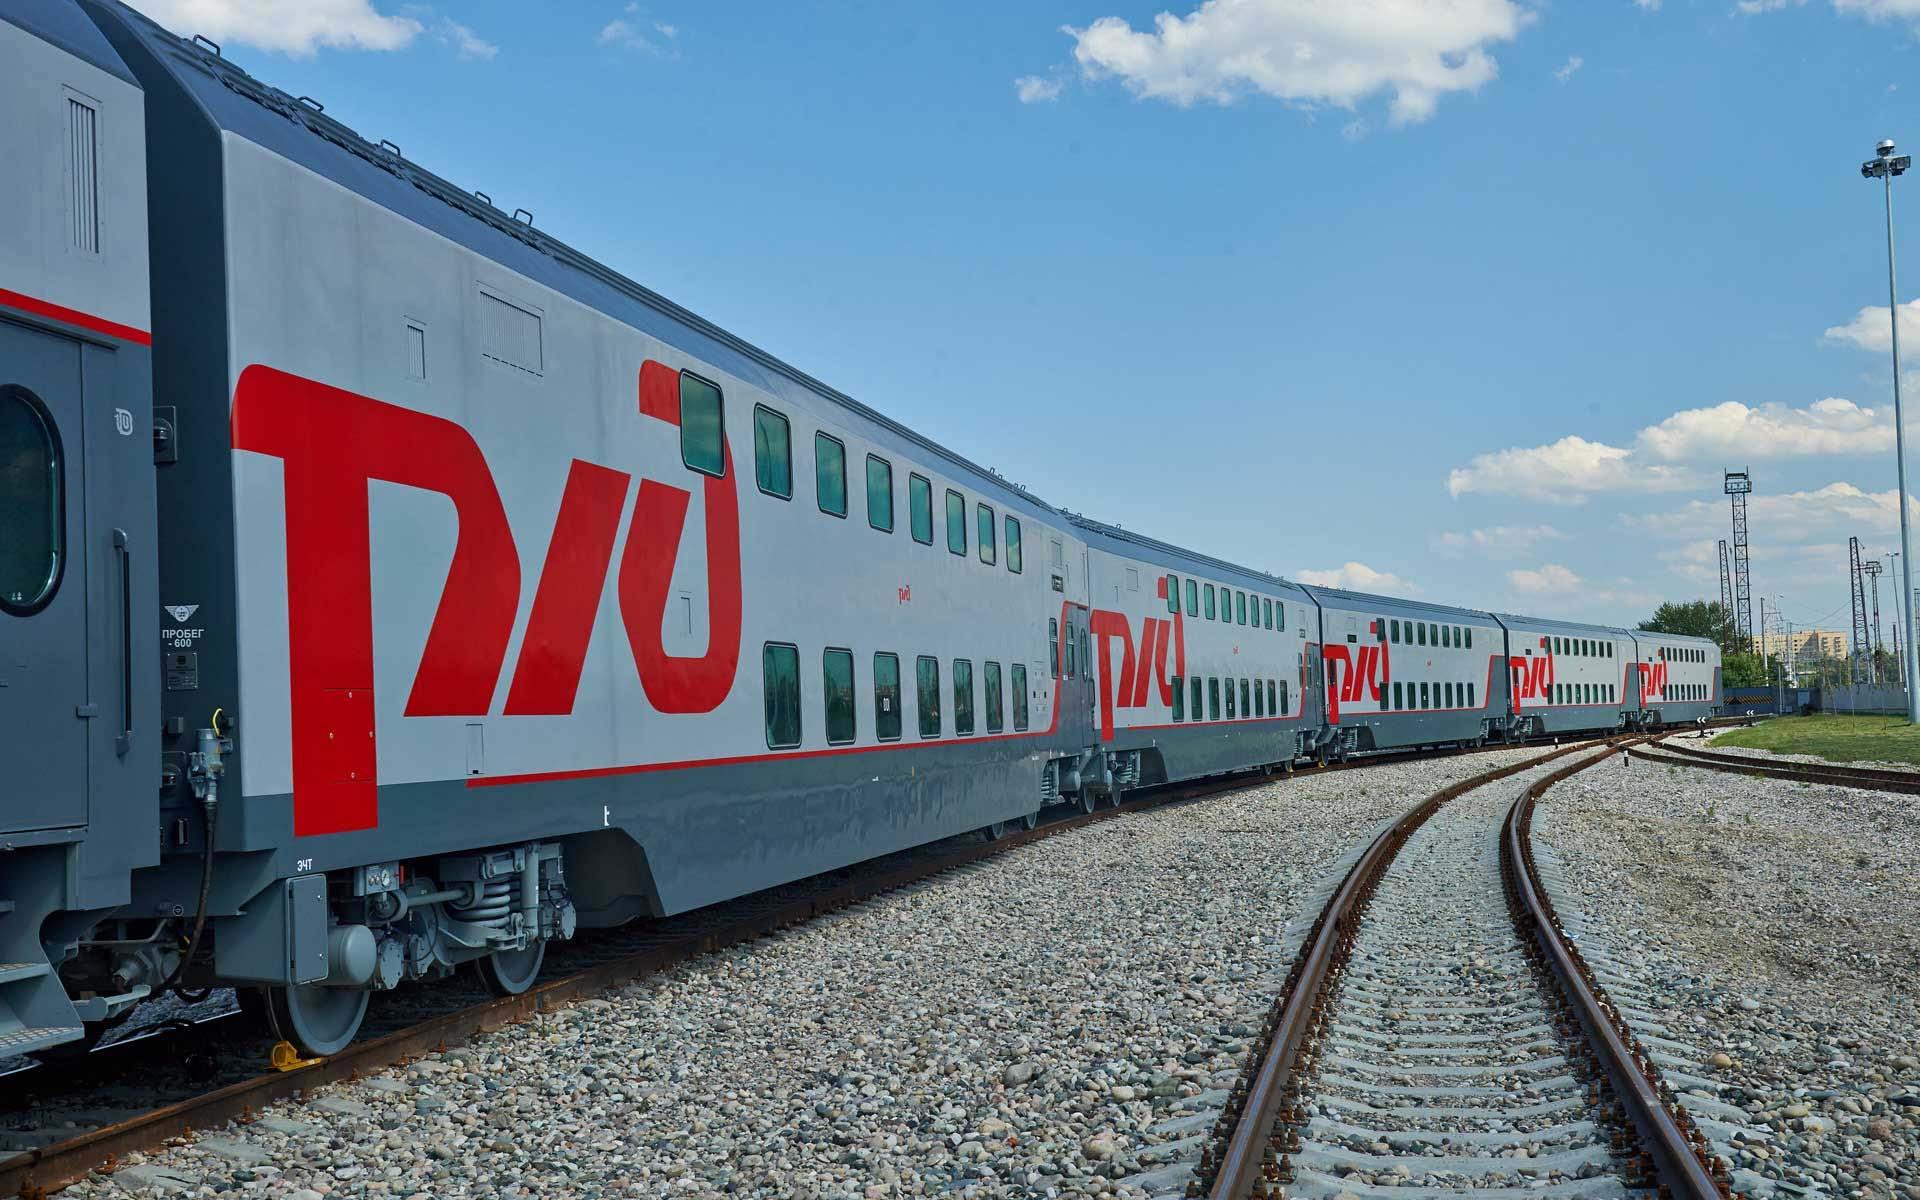 В Йошкар-Олу в 2022 году планируется запустить двухэтажные поезда из Москвы